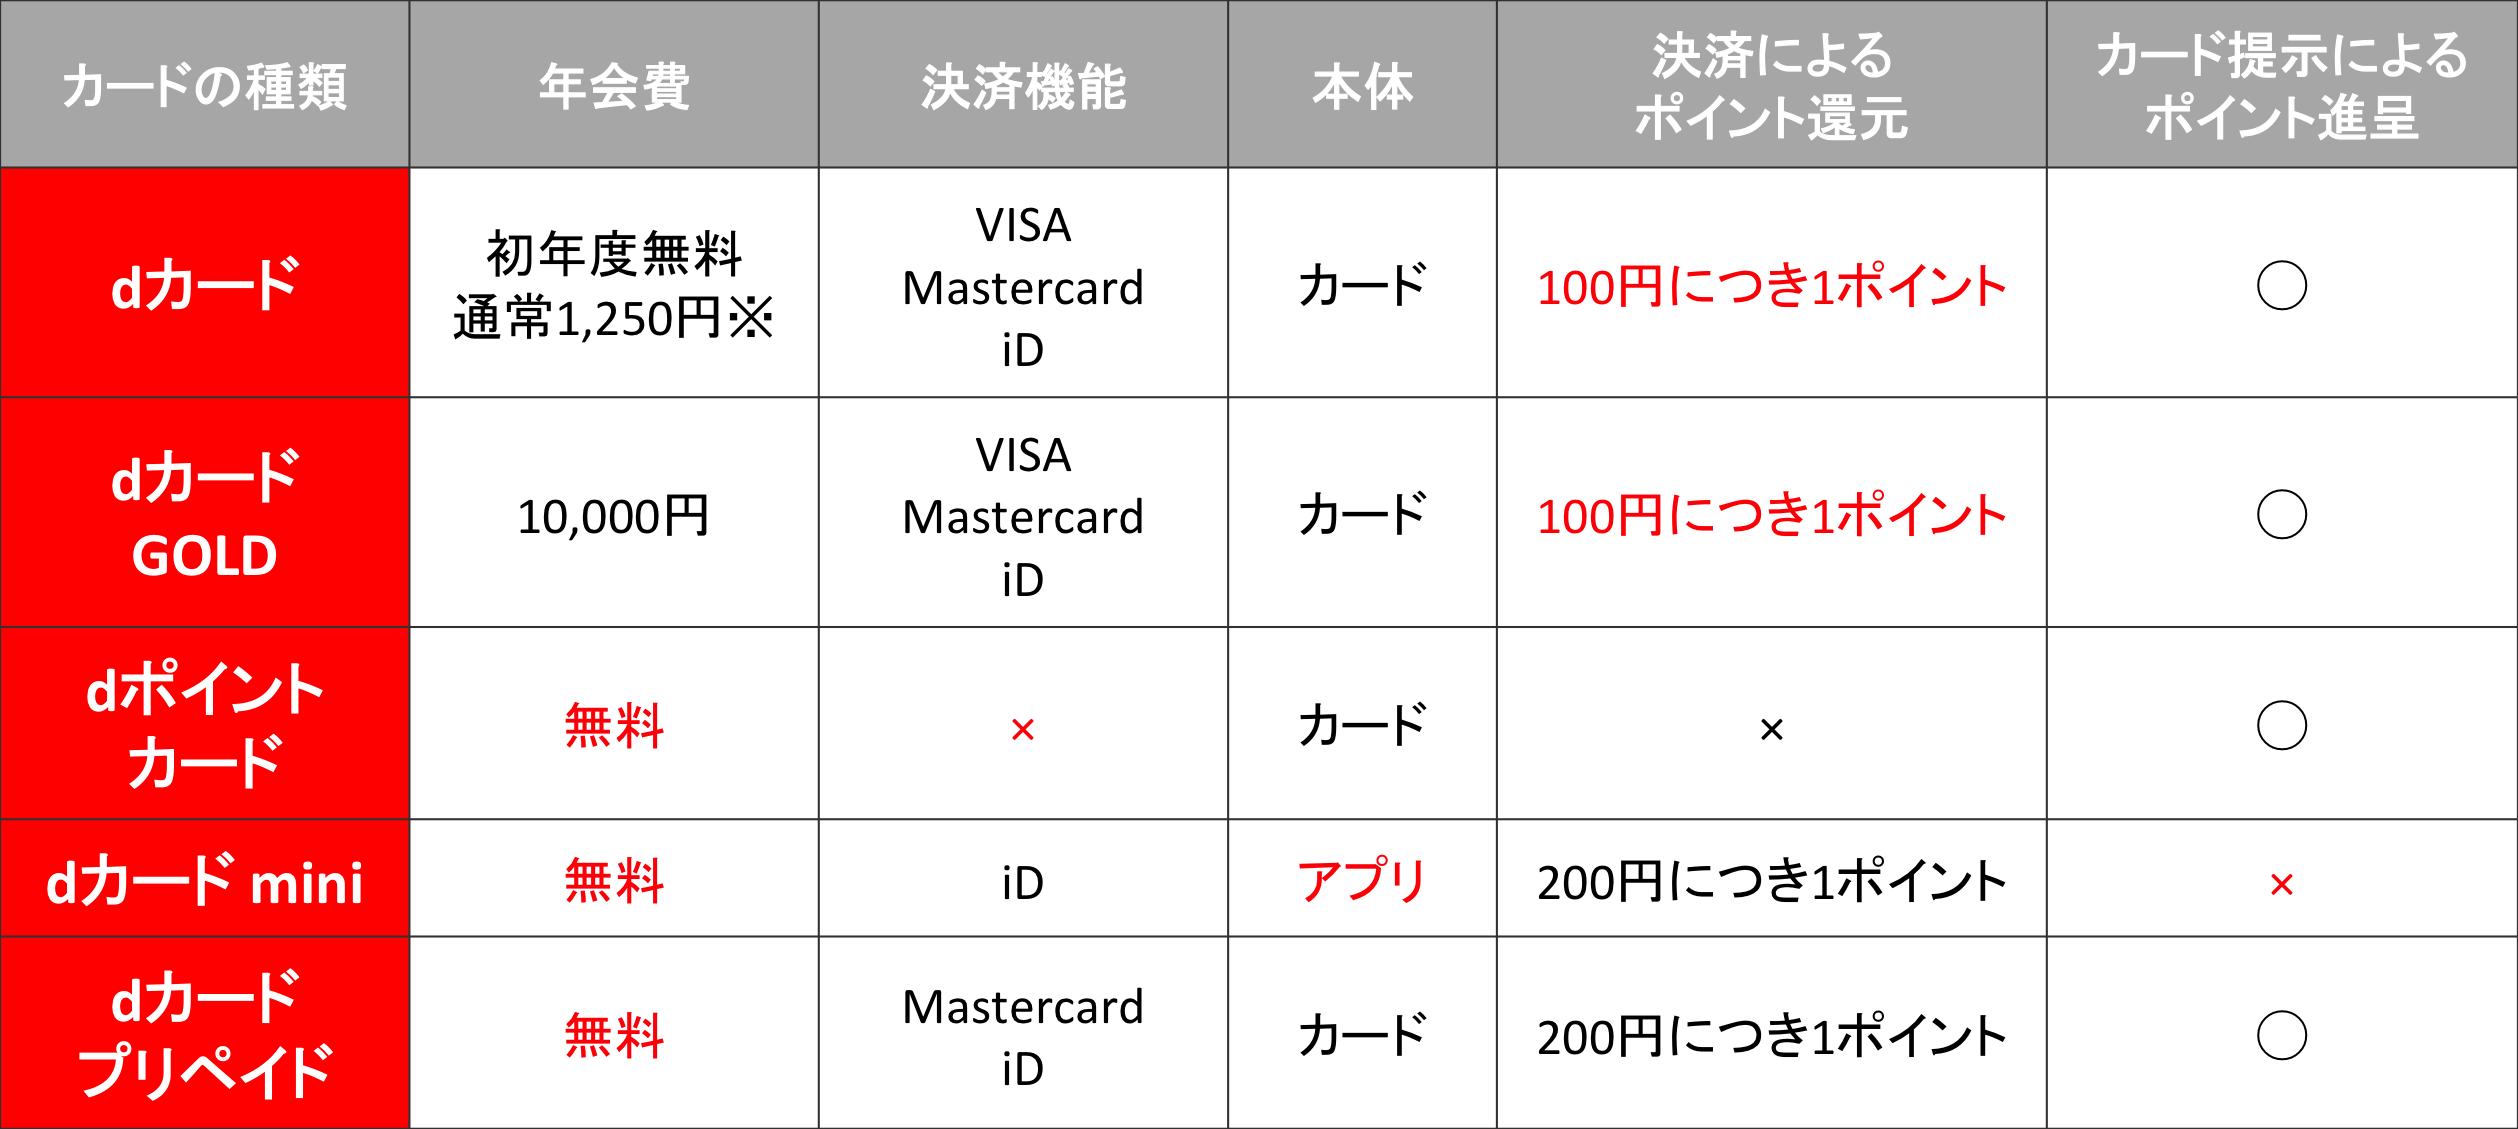 dカード2種 dポイントカード dカードmini dカードプリペイド 比較